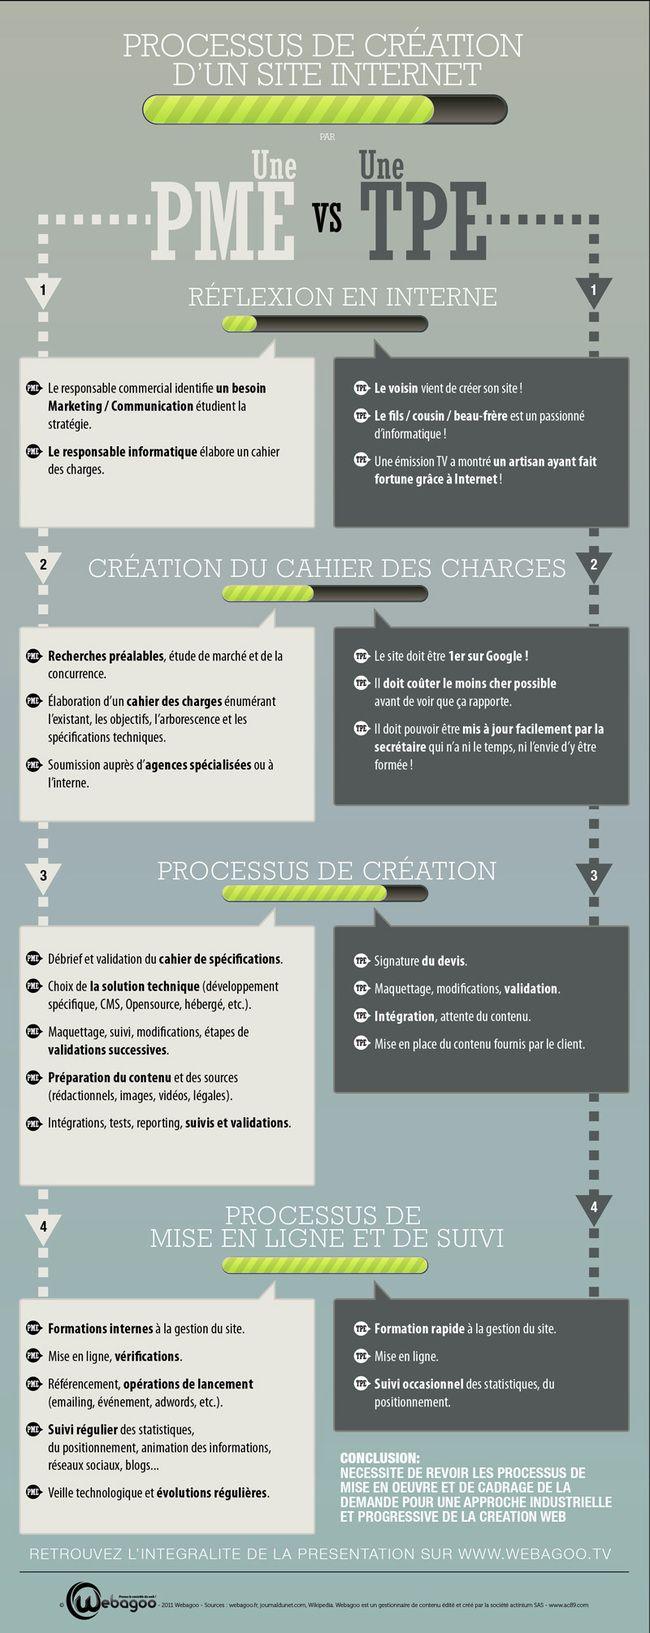 #infographie : processus de création d'un site Internet pour TPE et PME.